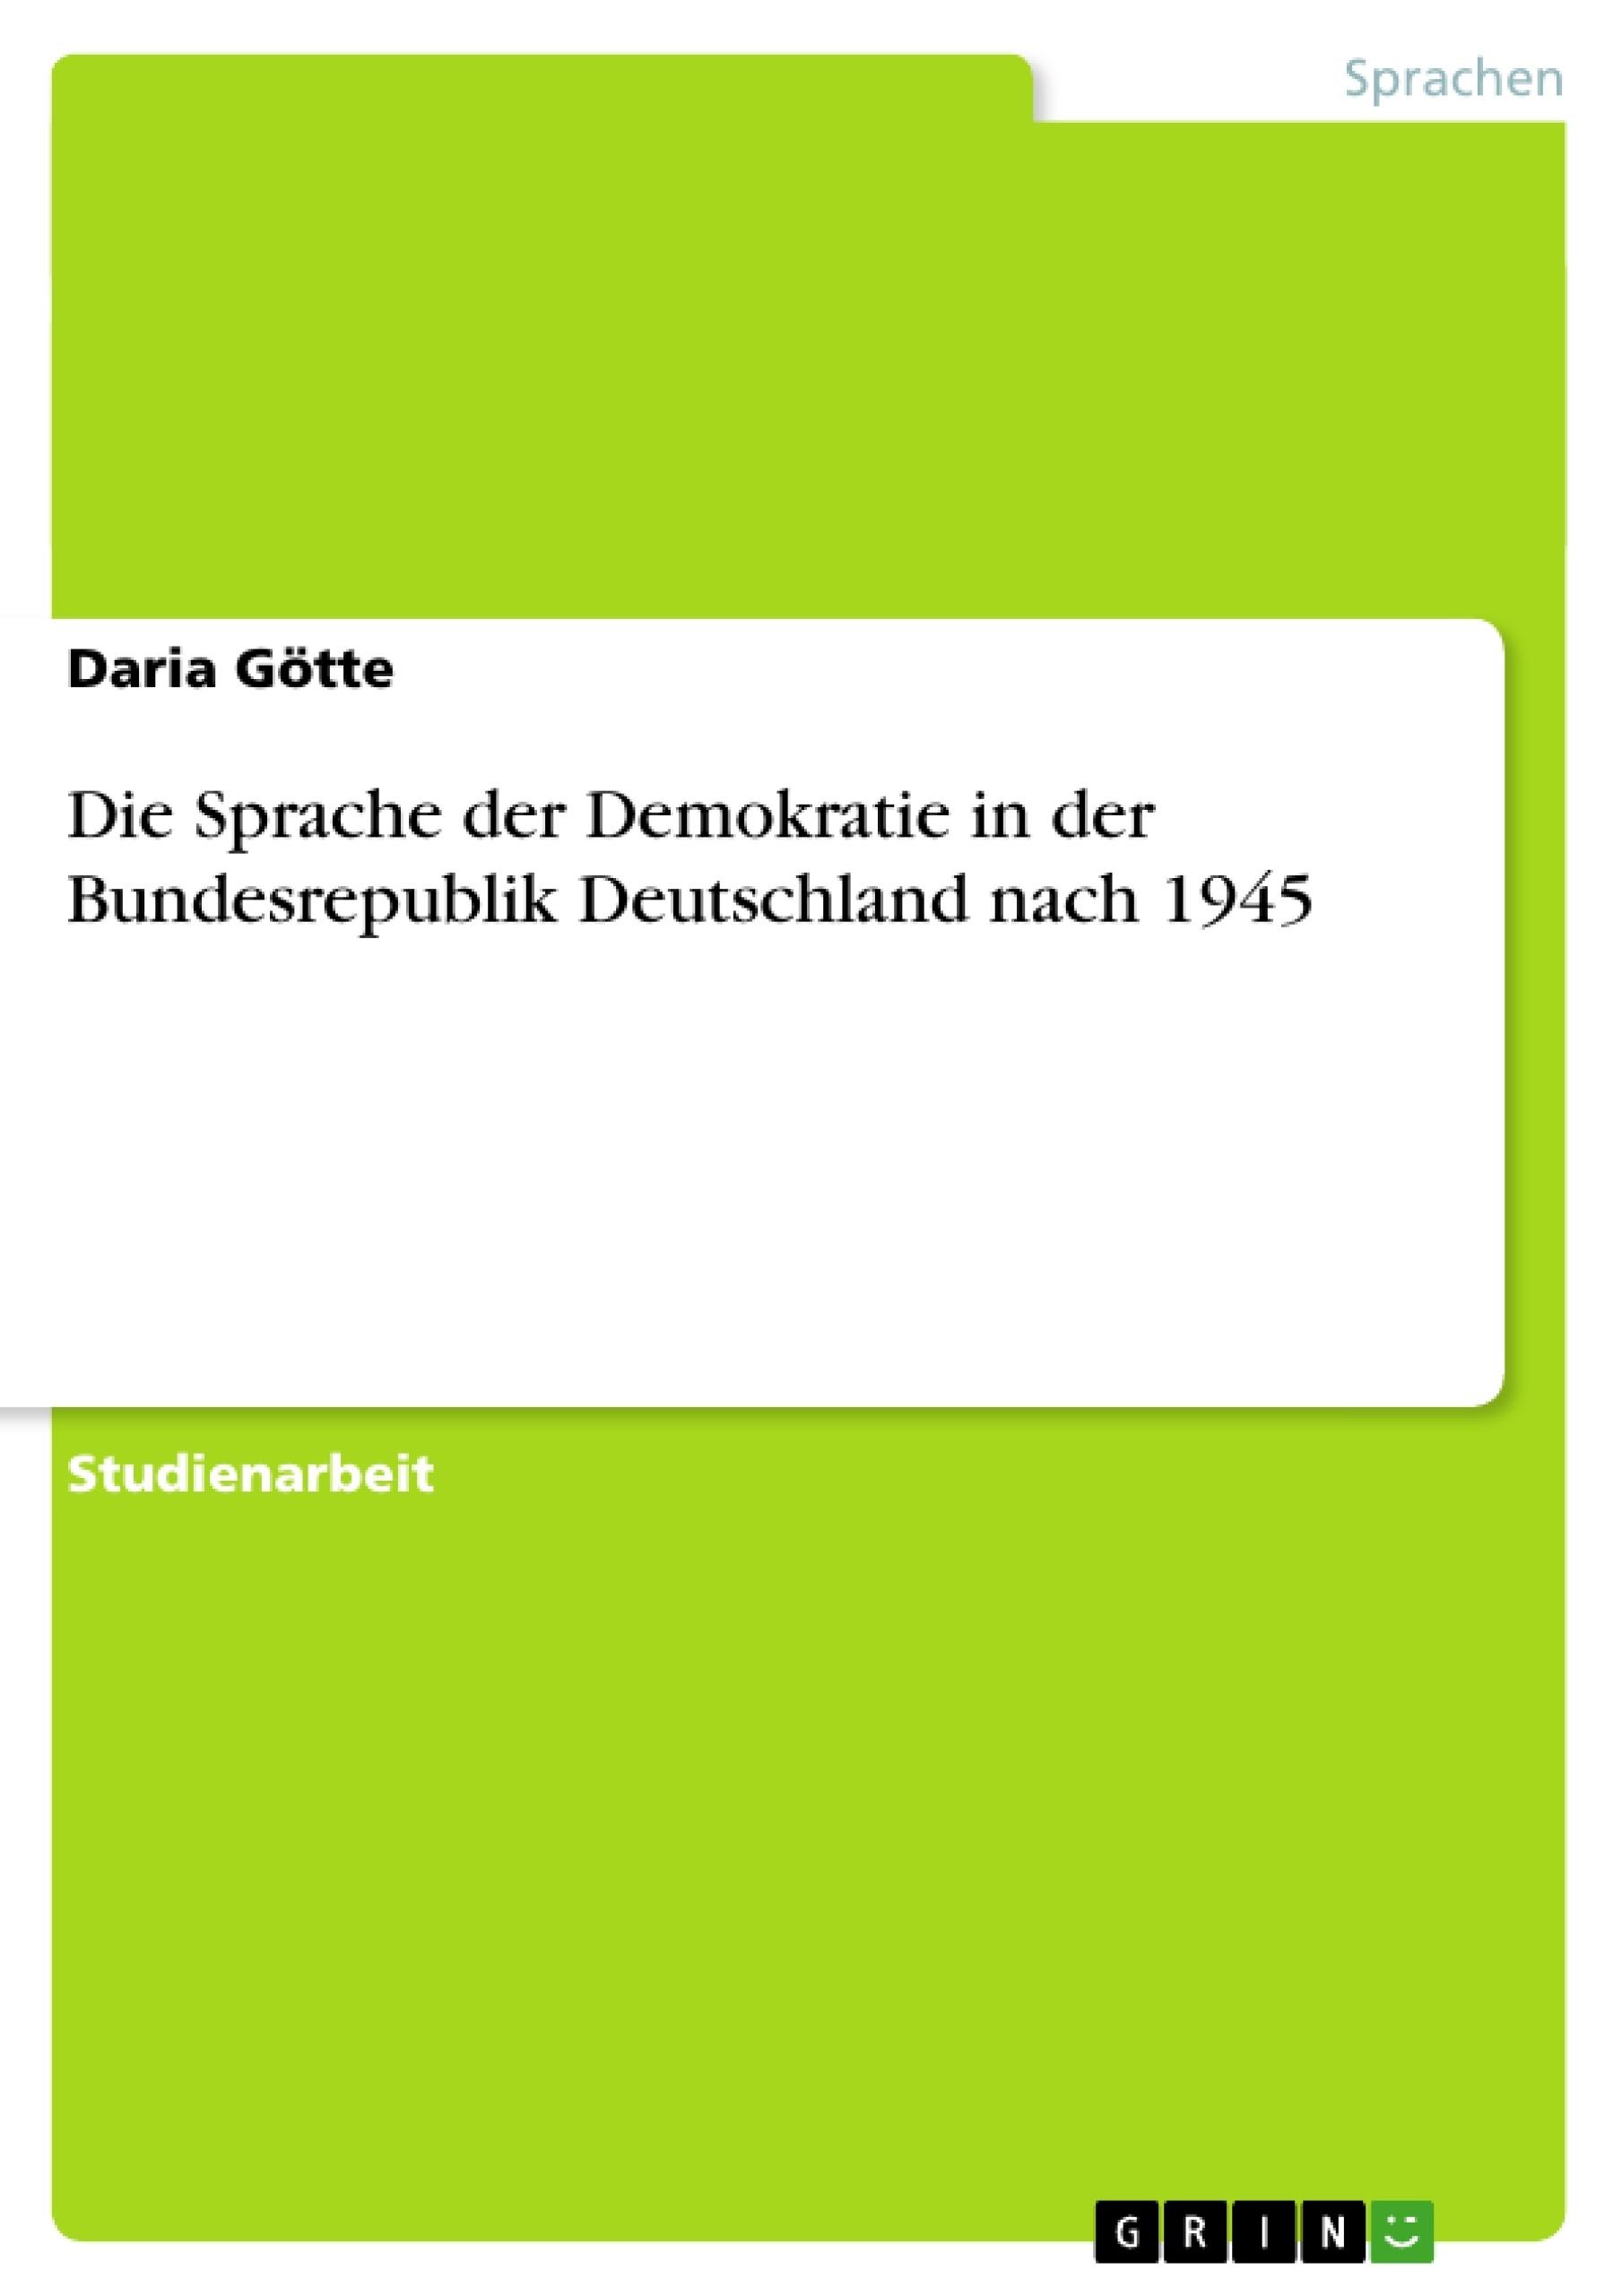 Titel: Die Sprache der Demokratie in der Bundesrepublik Deutschland nach 1945